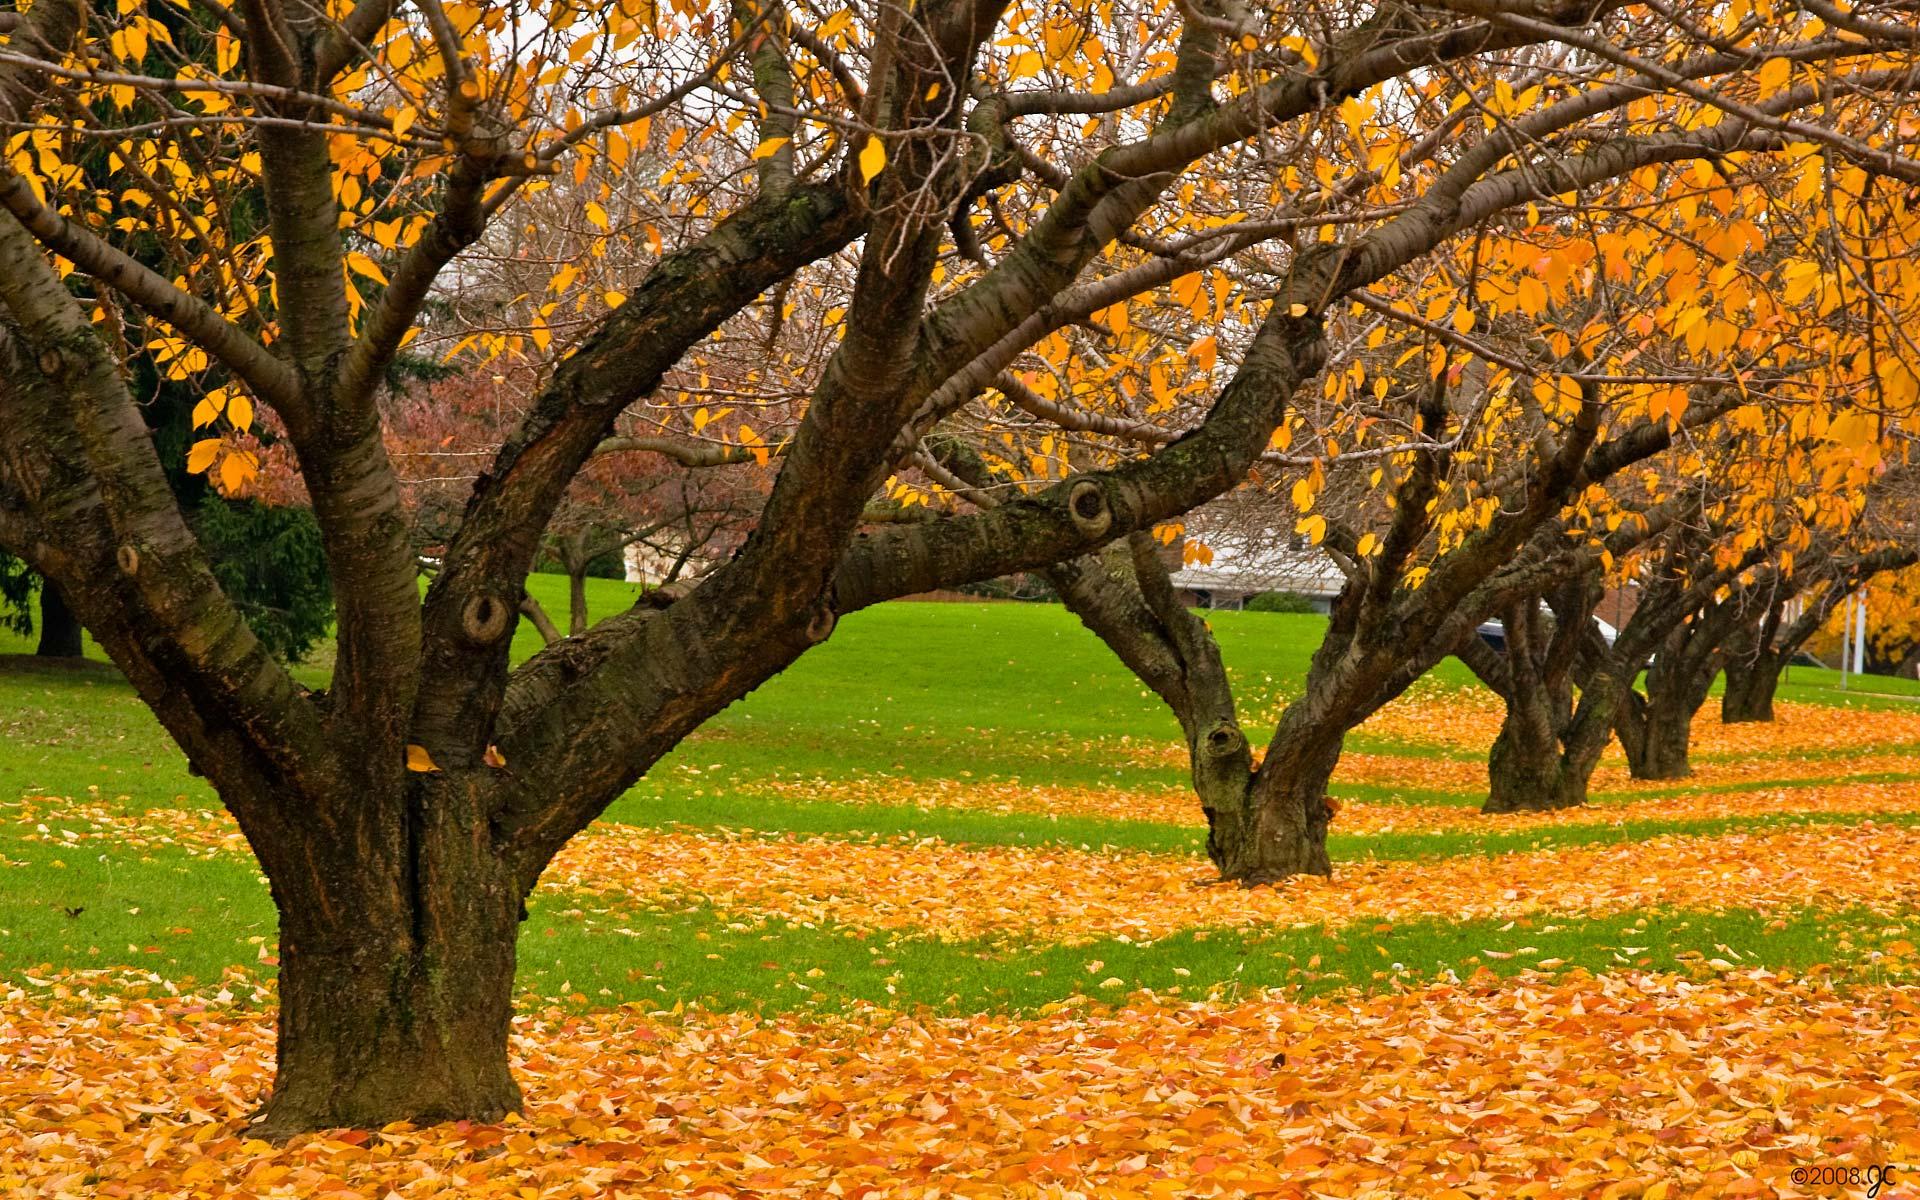 опавшая желтая листва, скачать фото, осень, деревья, лес